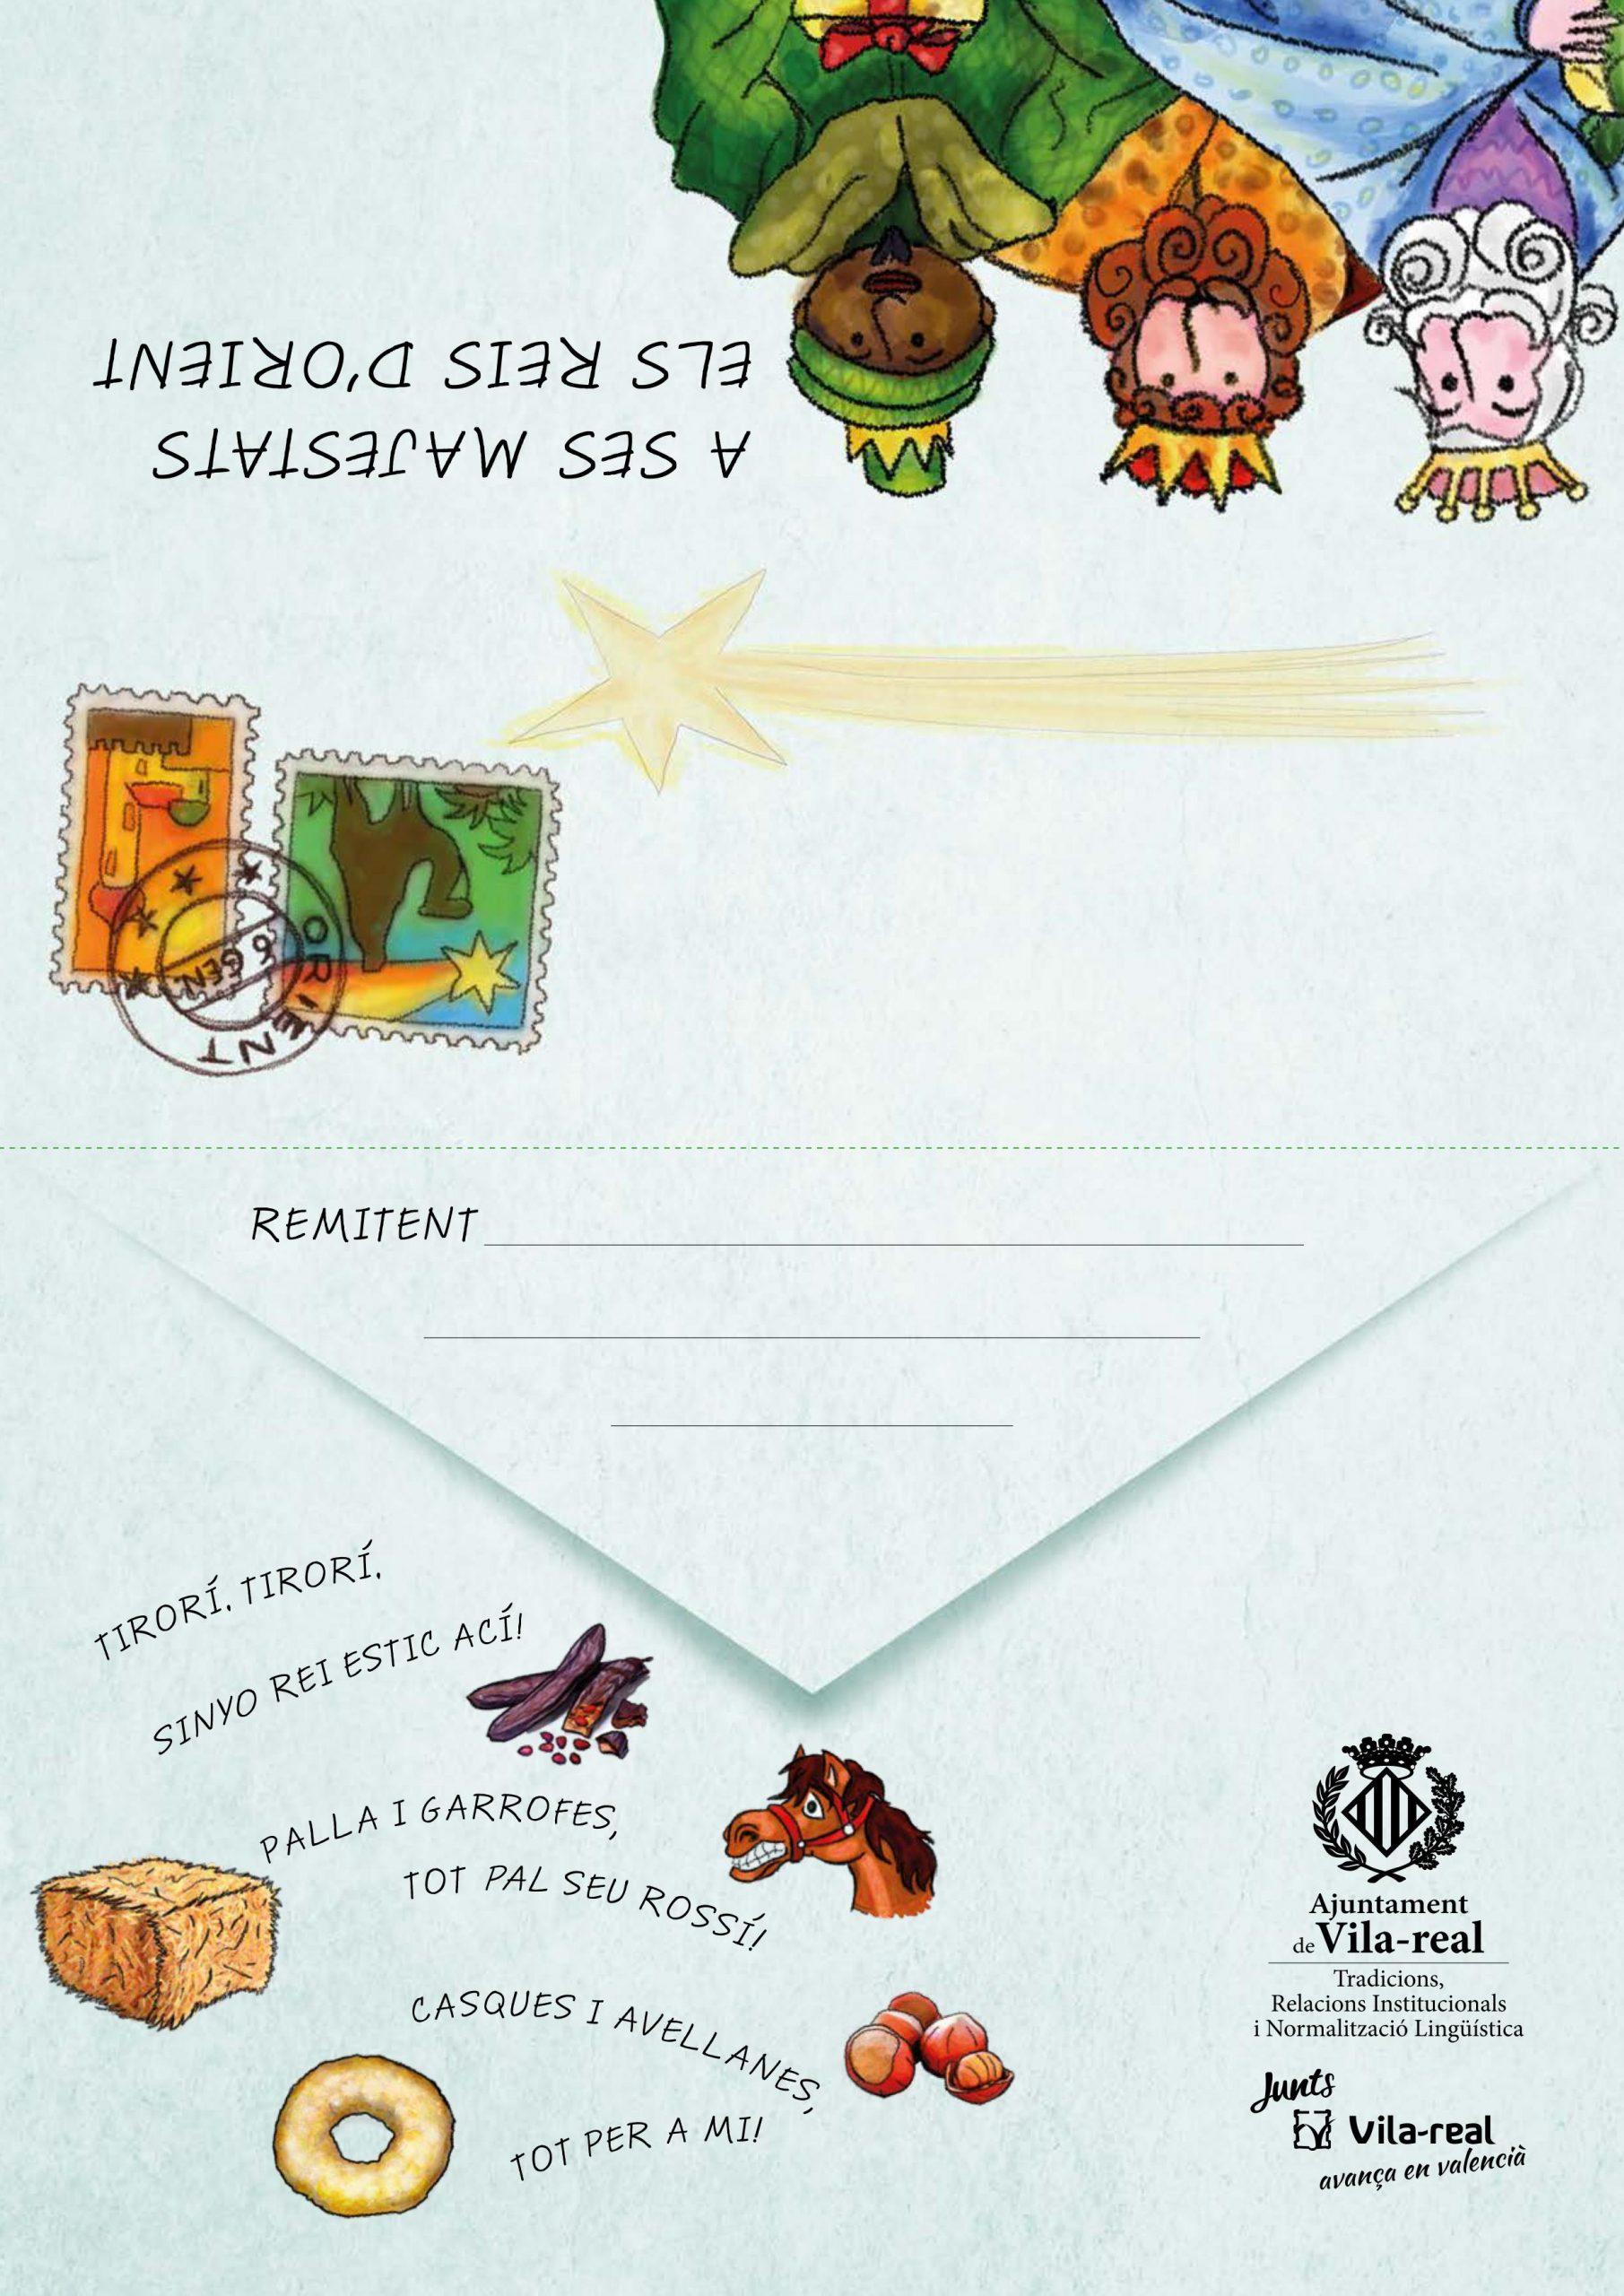 Normalització Lingüística ofrece las cartas a los Reyes Magos en formato digital